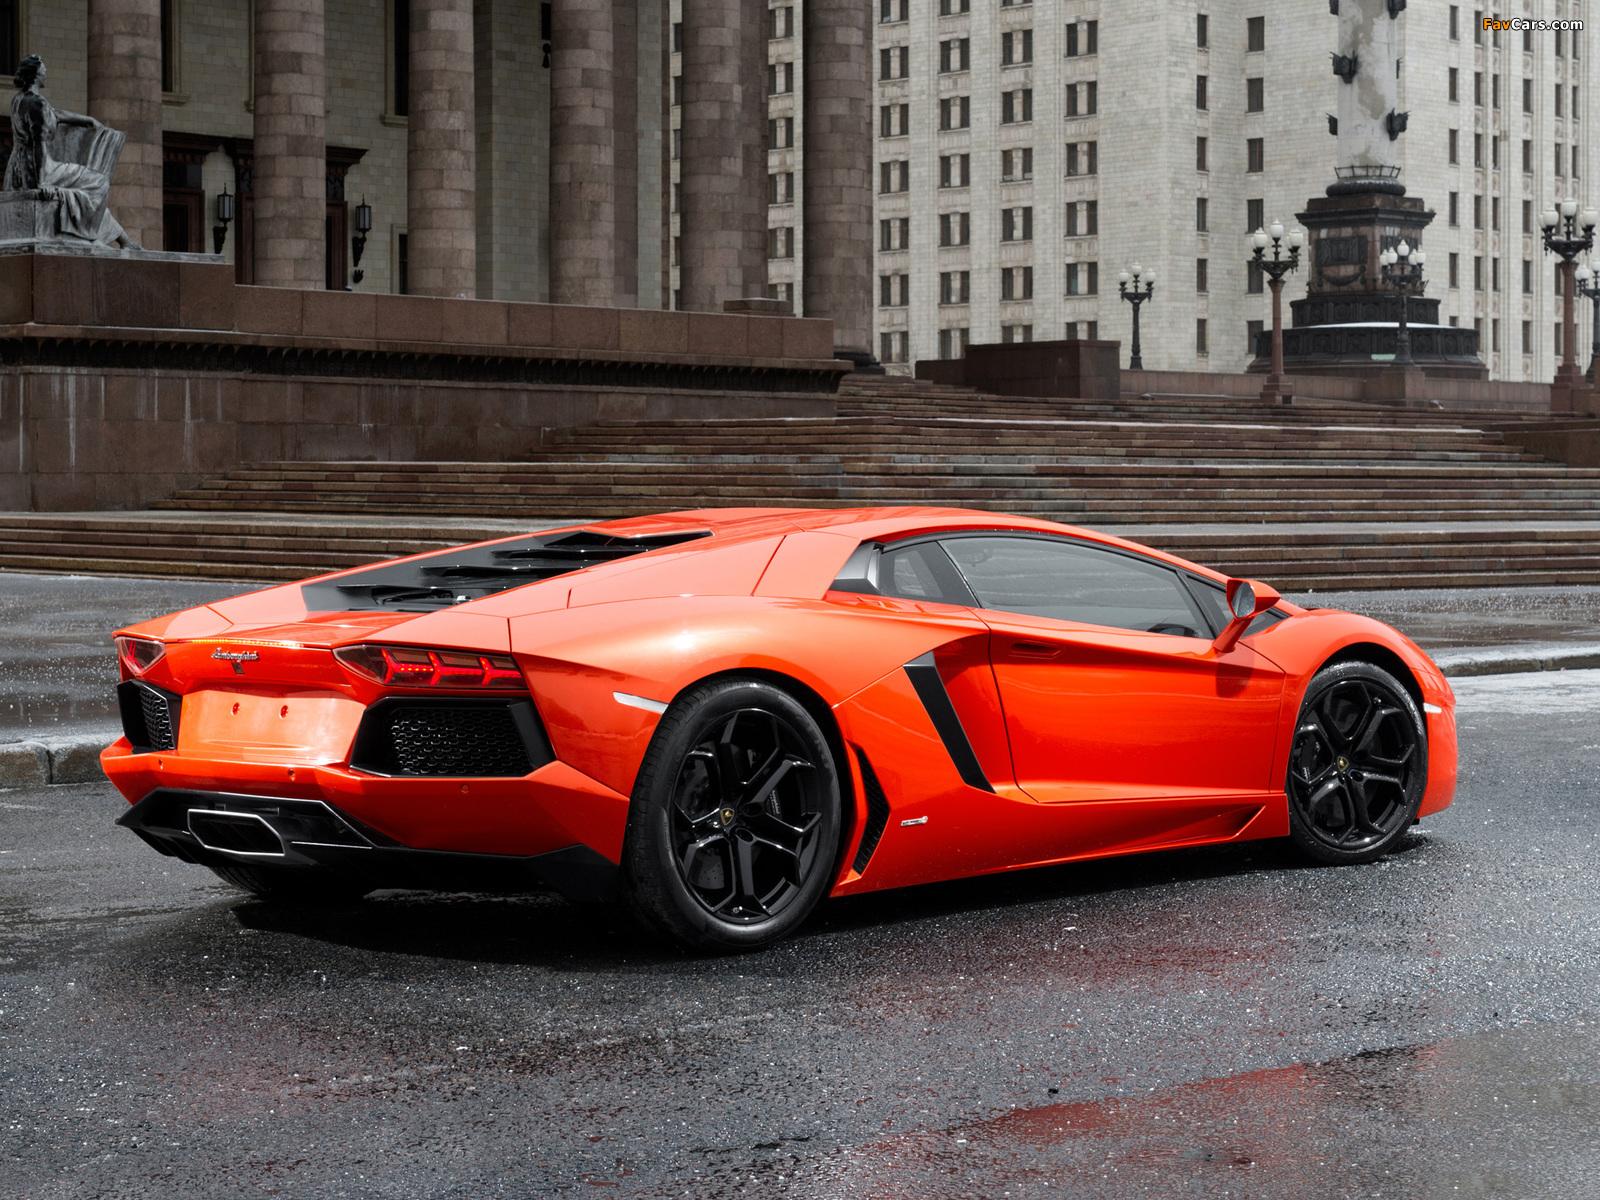 Lamborghini Aventador LP 700-4 (LB834) 2011 pictures (1600 x 1200)